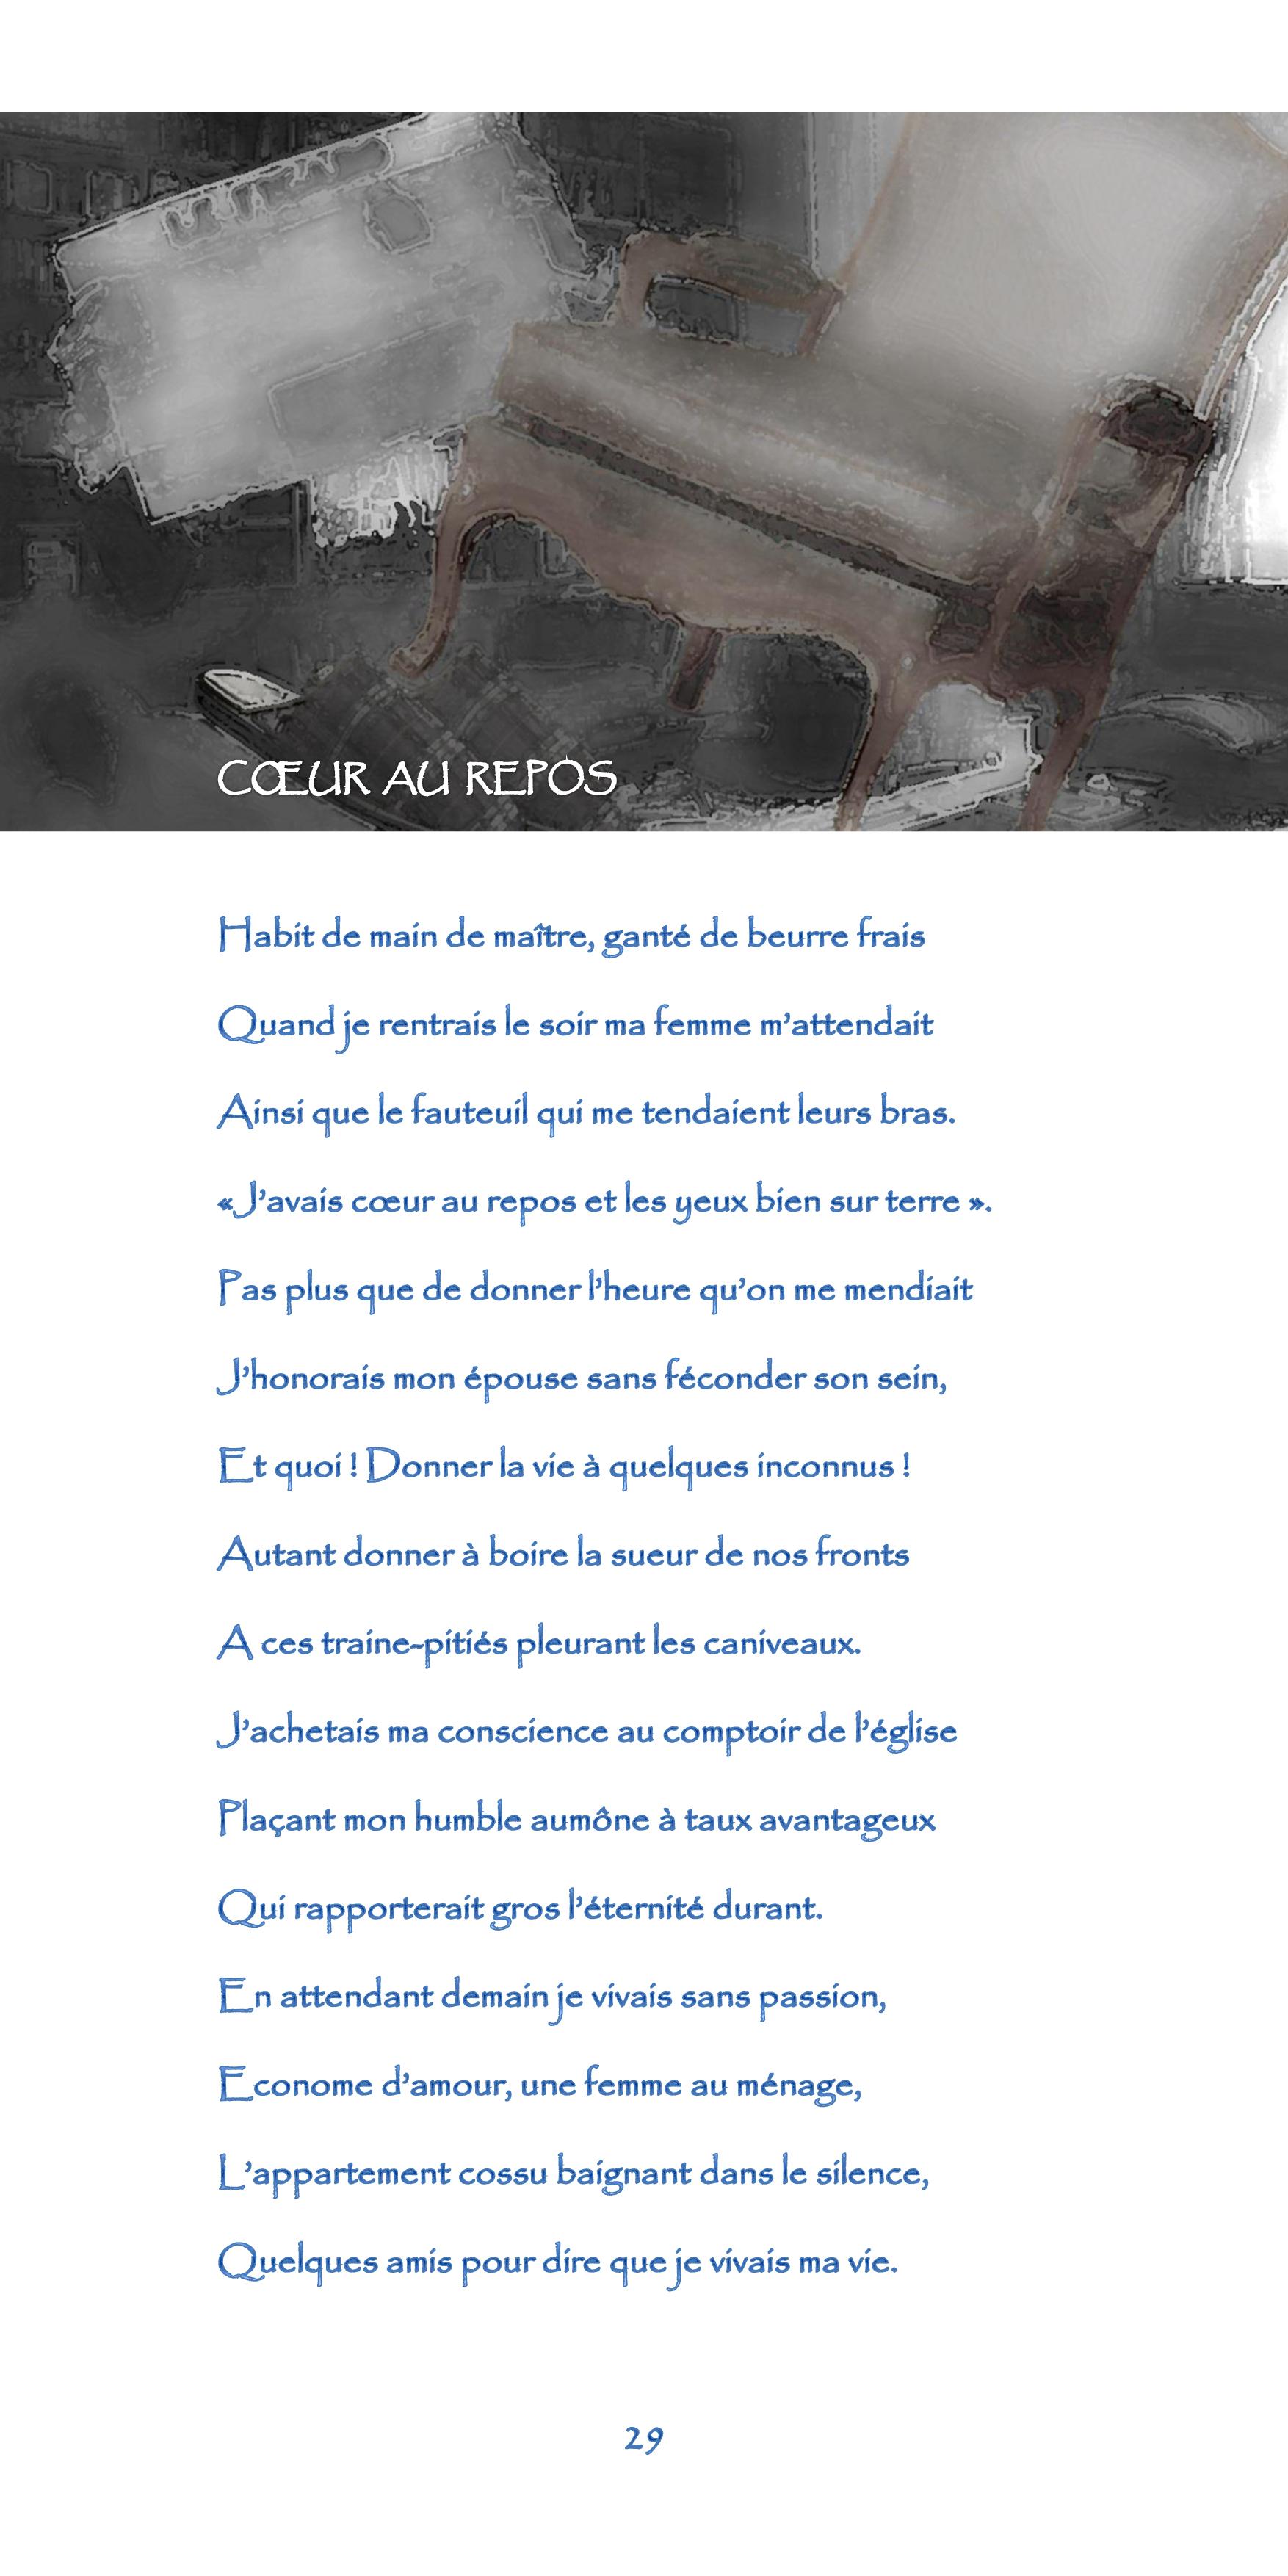 29-nègre_bleu-coeur_au_repos.jpg